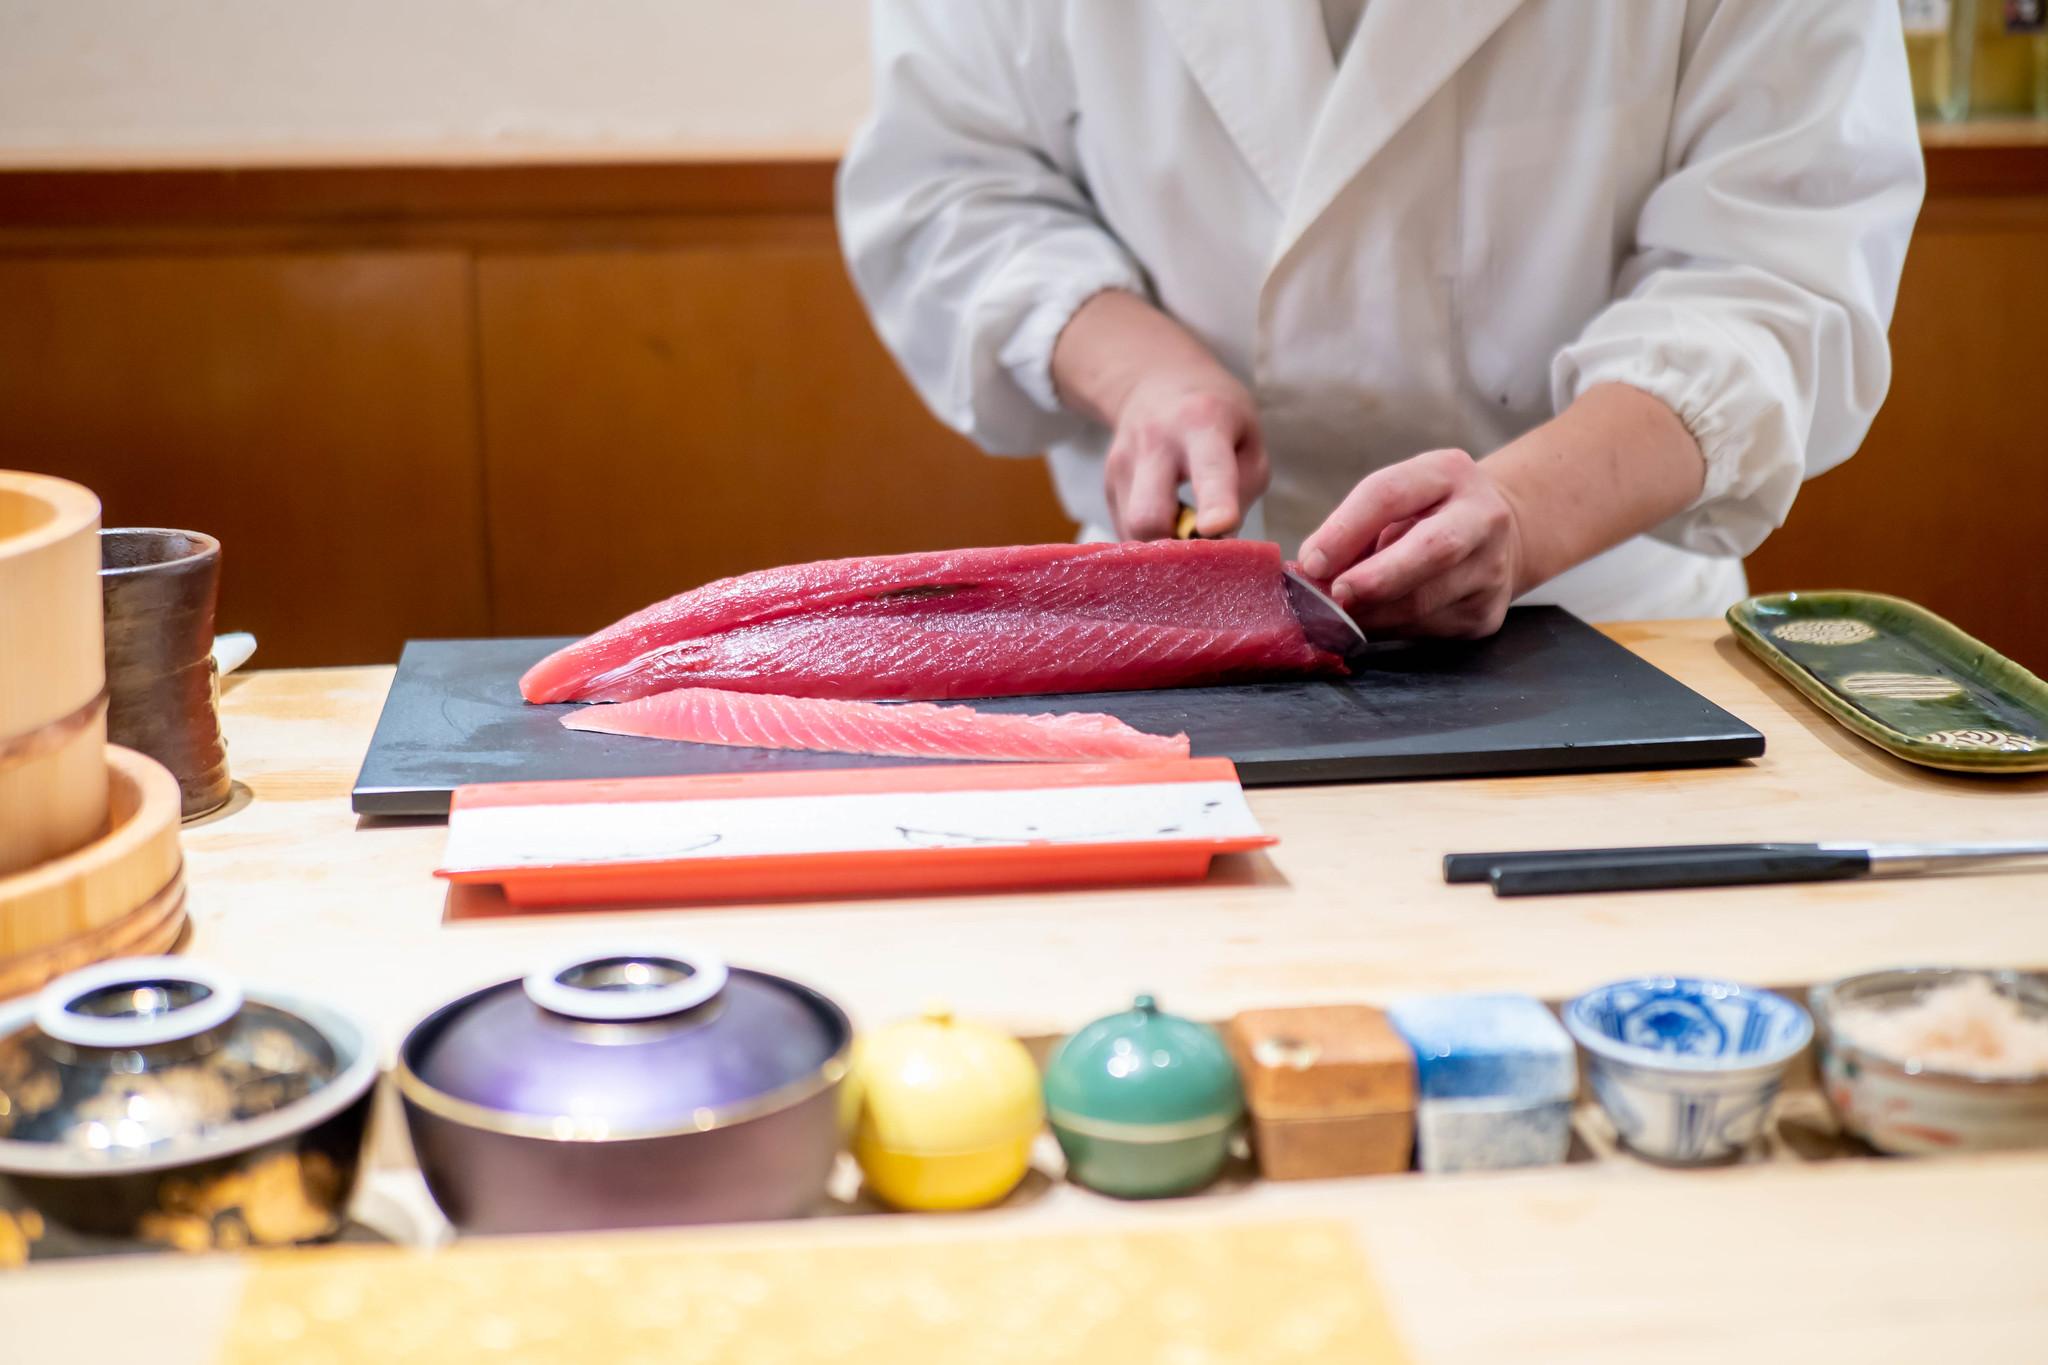 大将の経験と技が感じられる寿司と日本酒を堪能 鮨 青海 銀座店